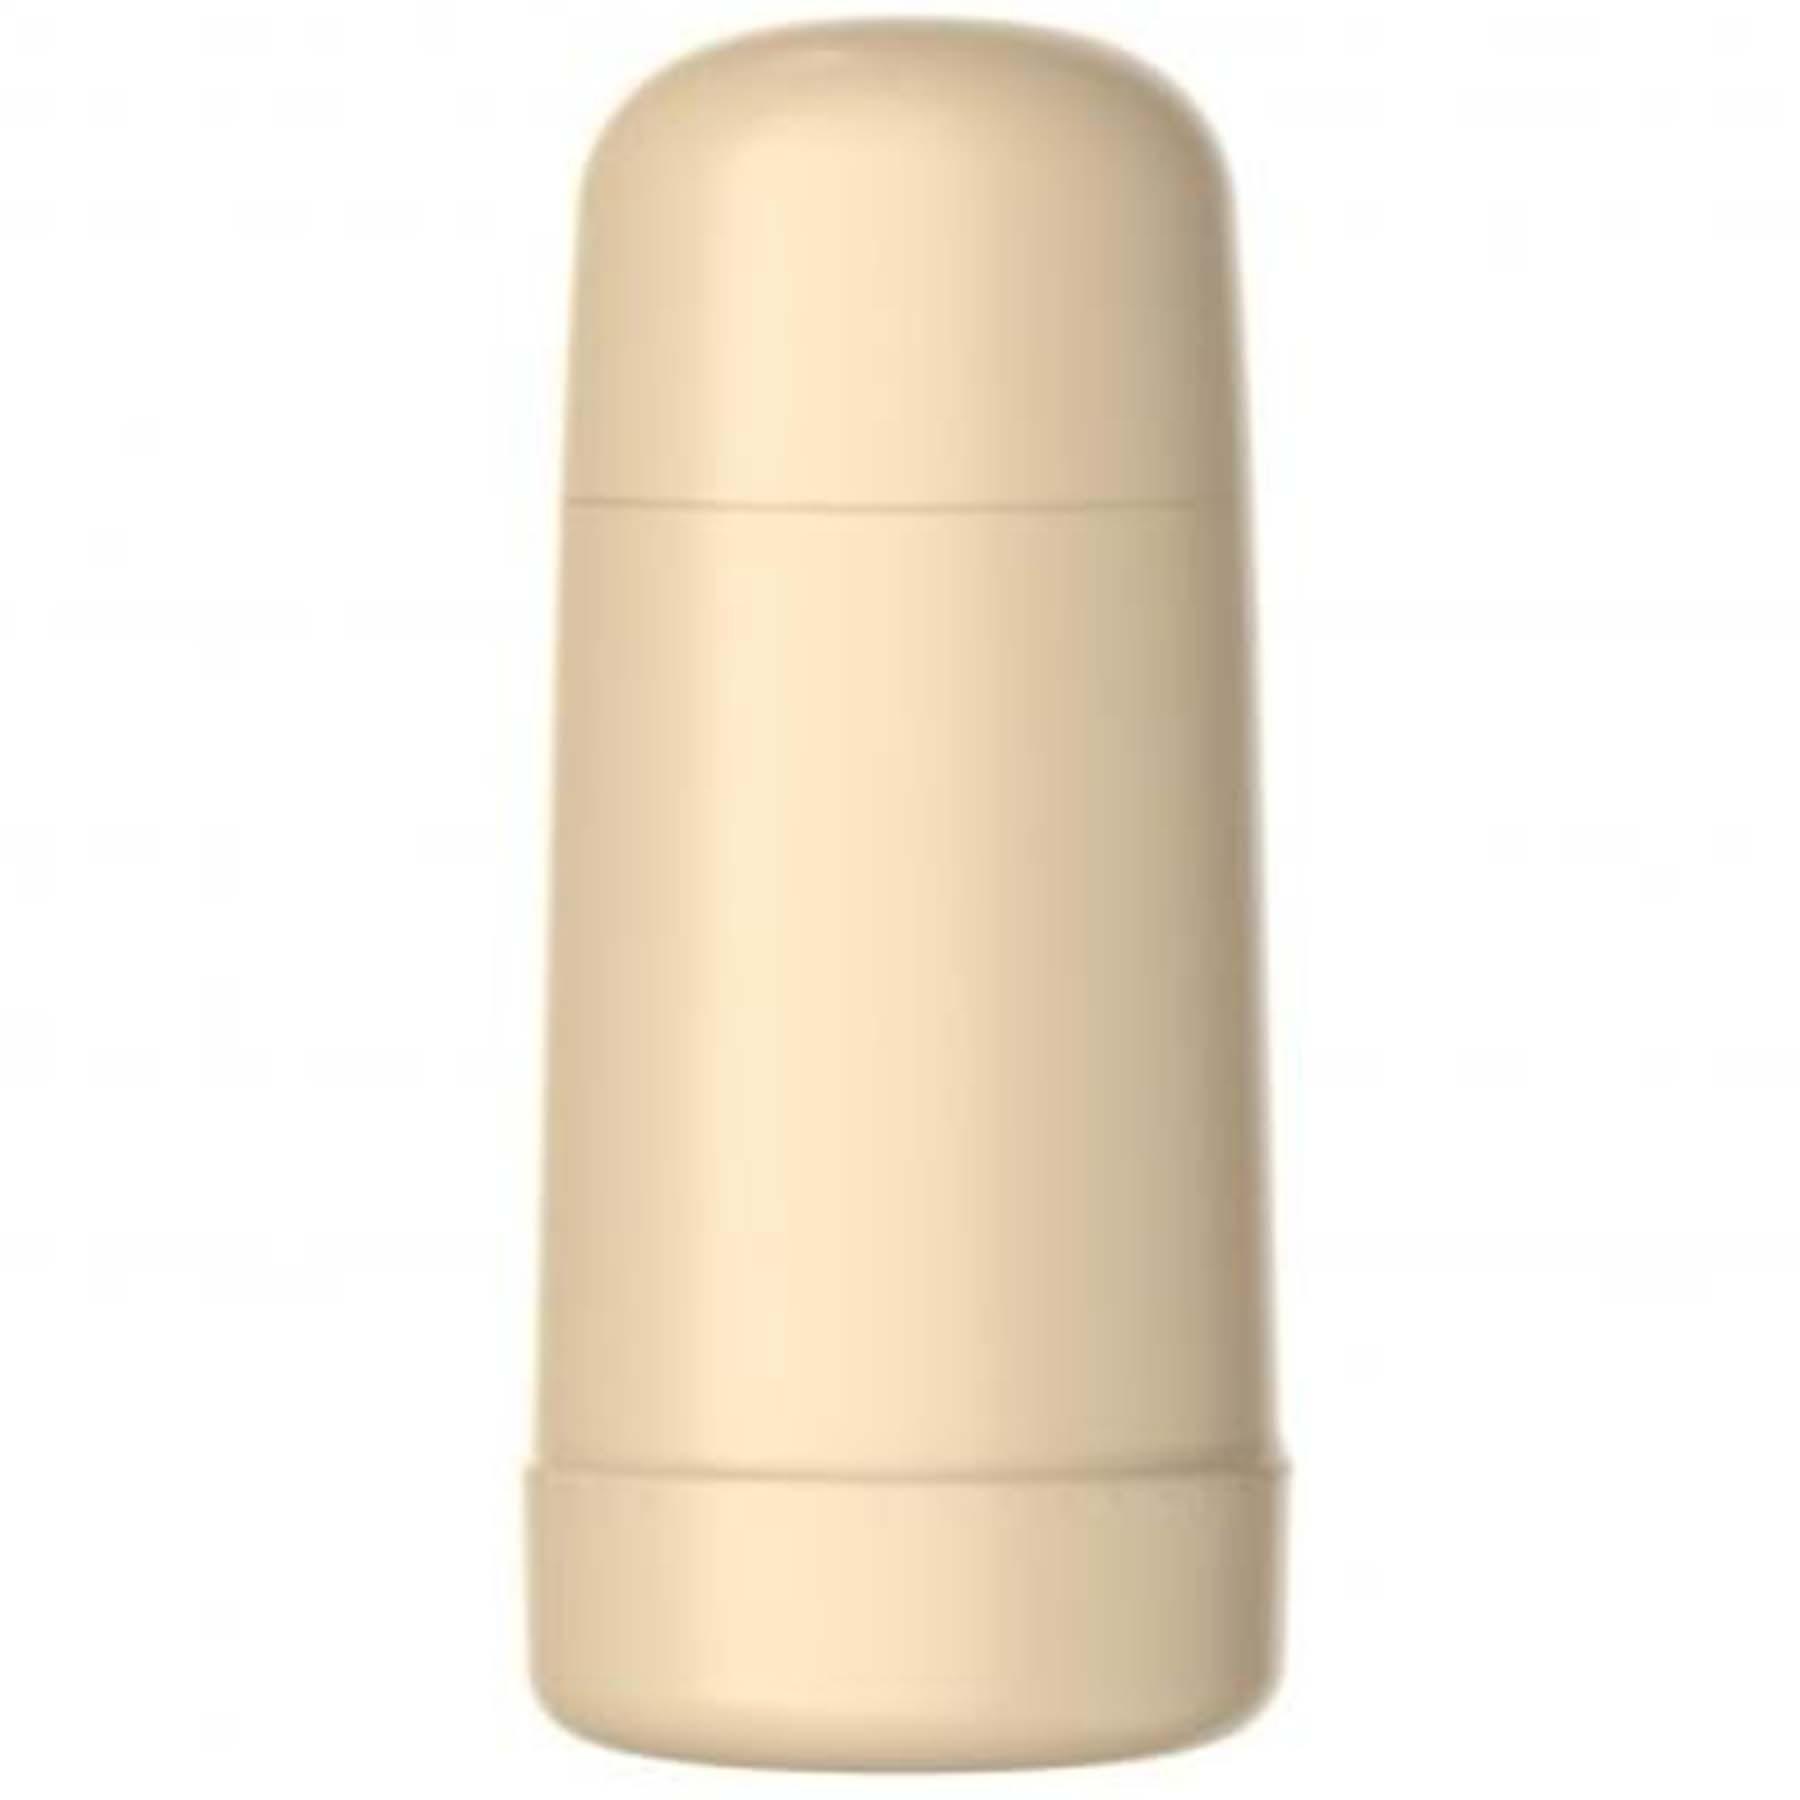 Garrafa Térmica Minig. Bege 250ml (Rolha Cl)Termolar 8603SF